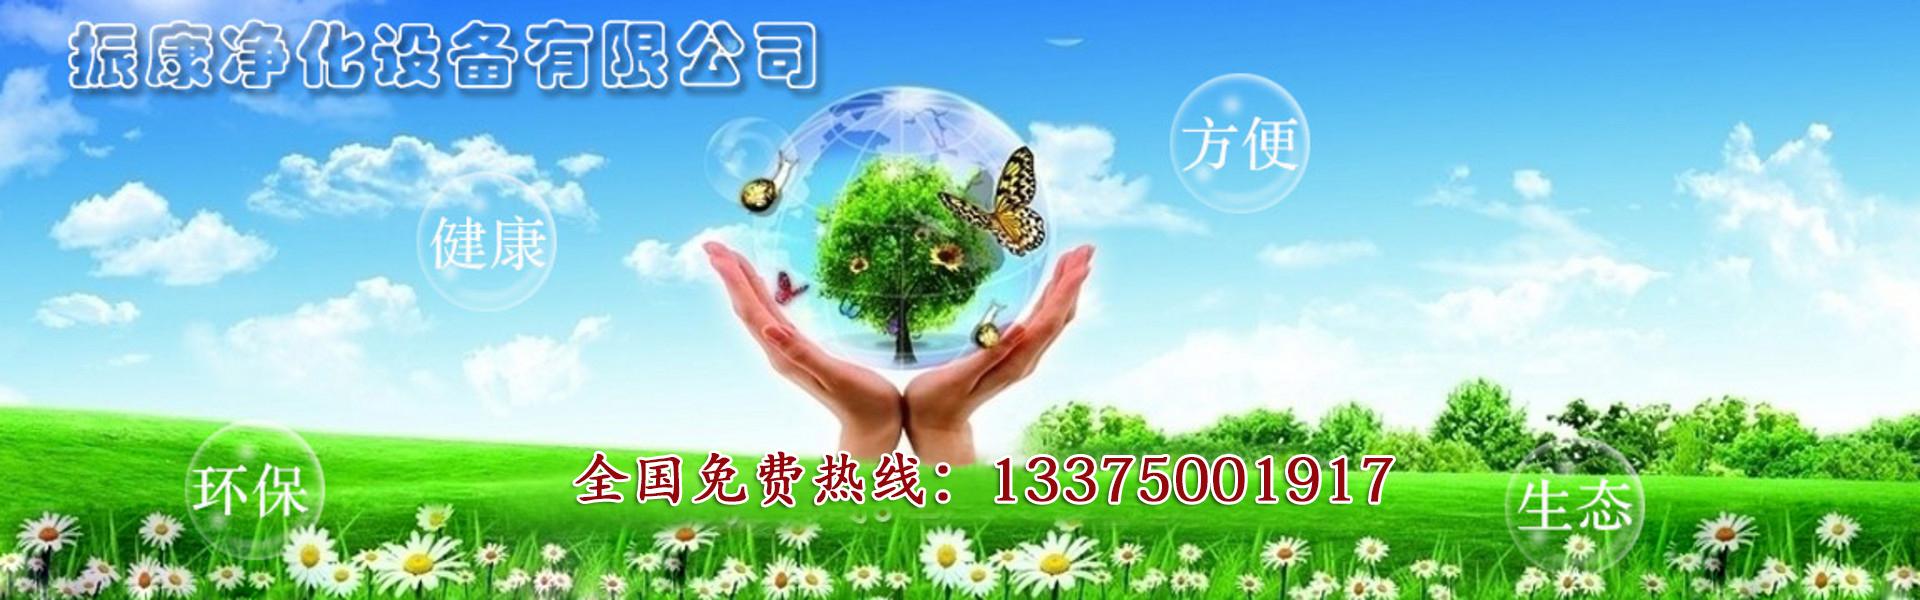 福州振康净化设备有限公司